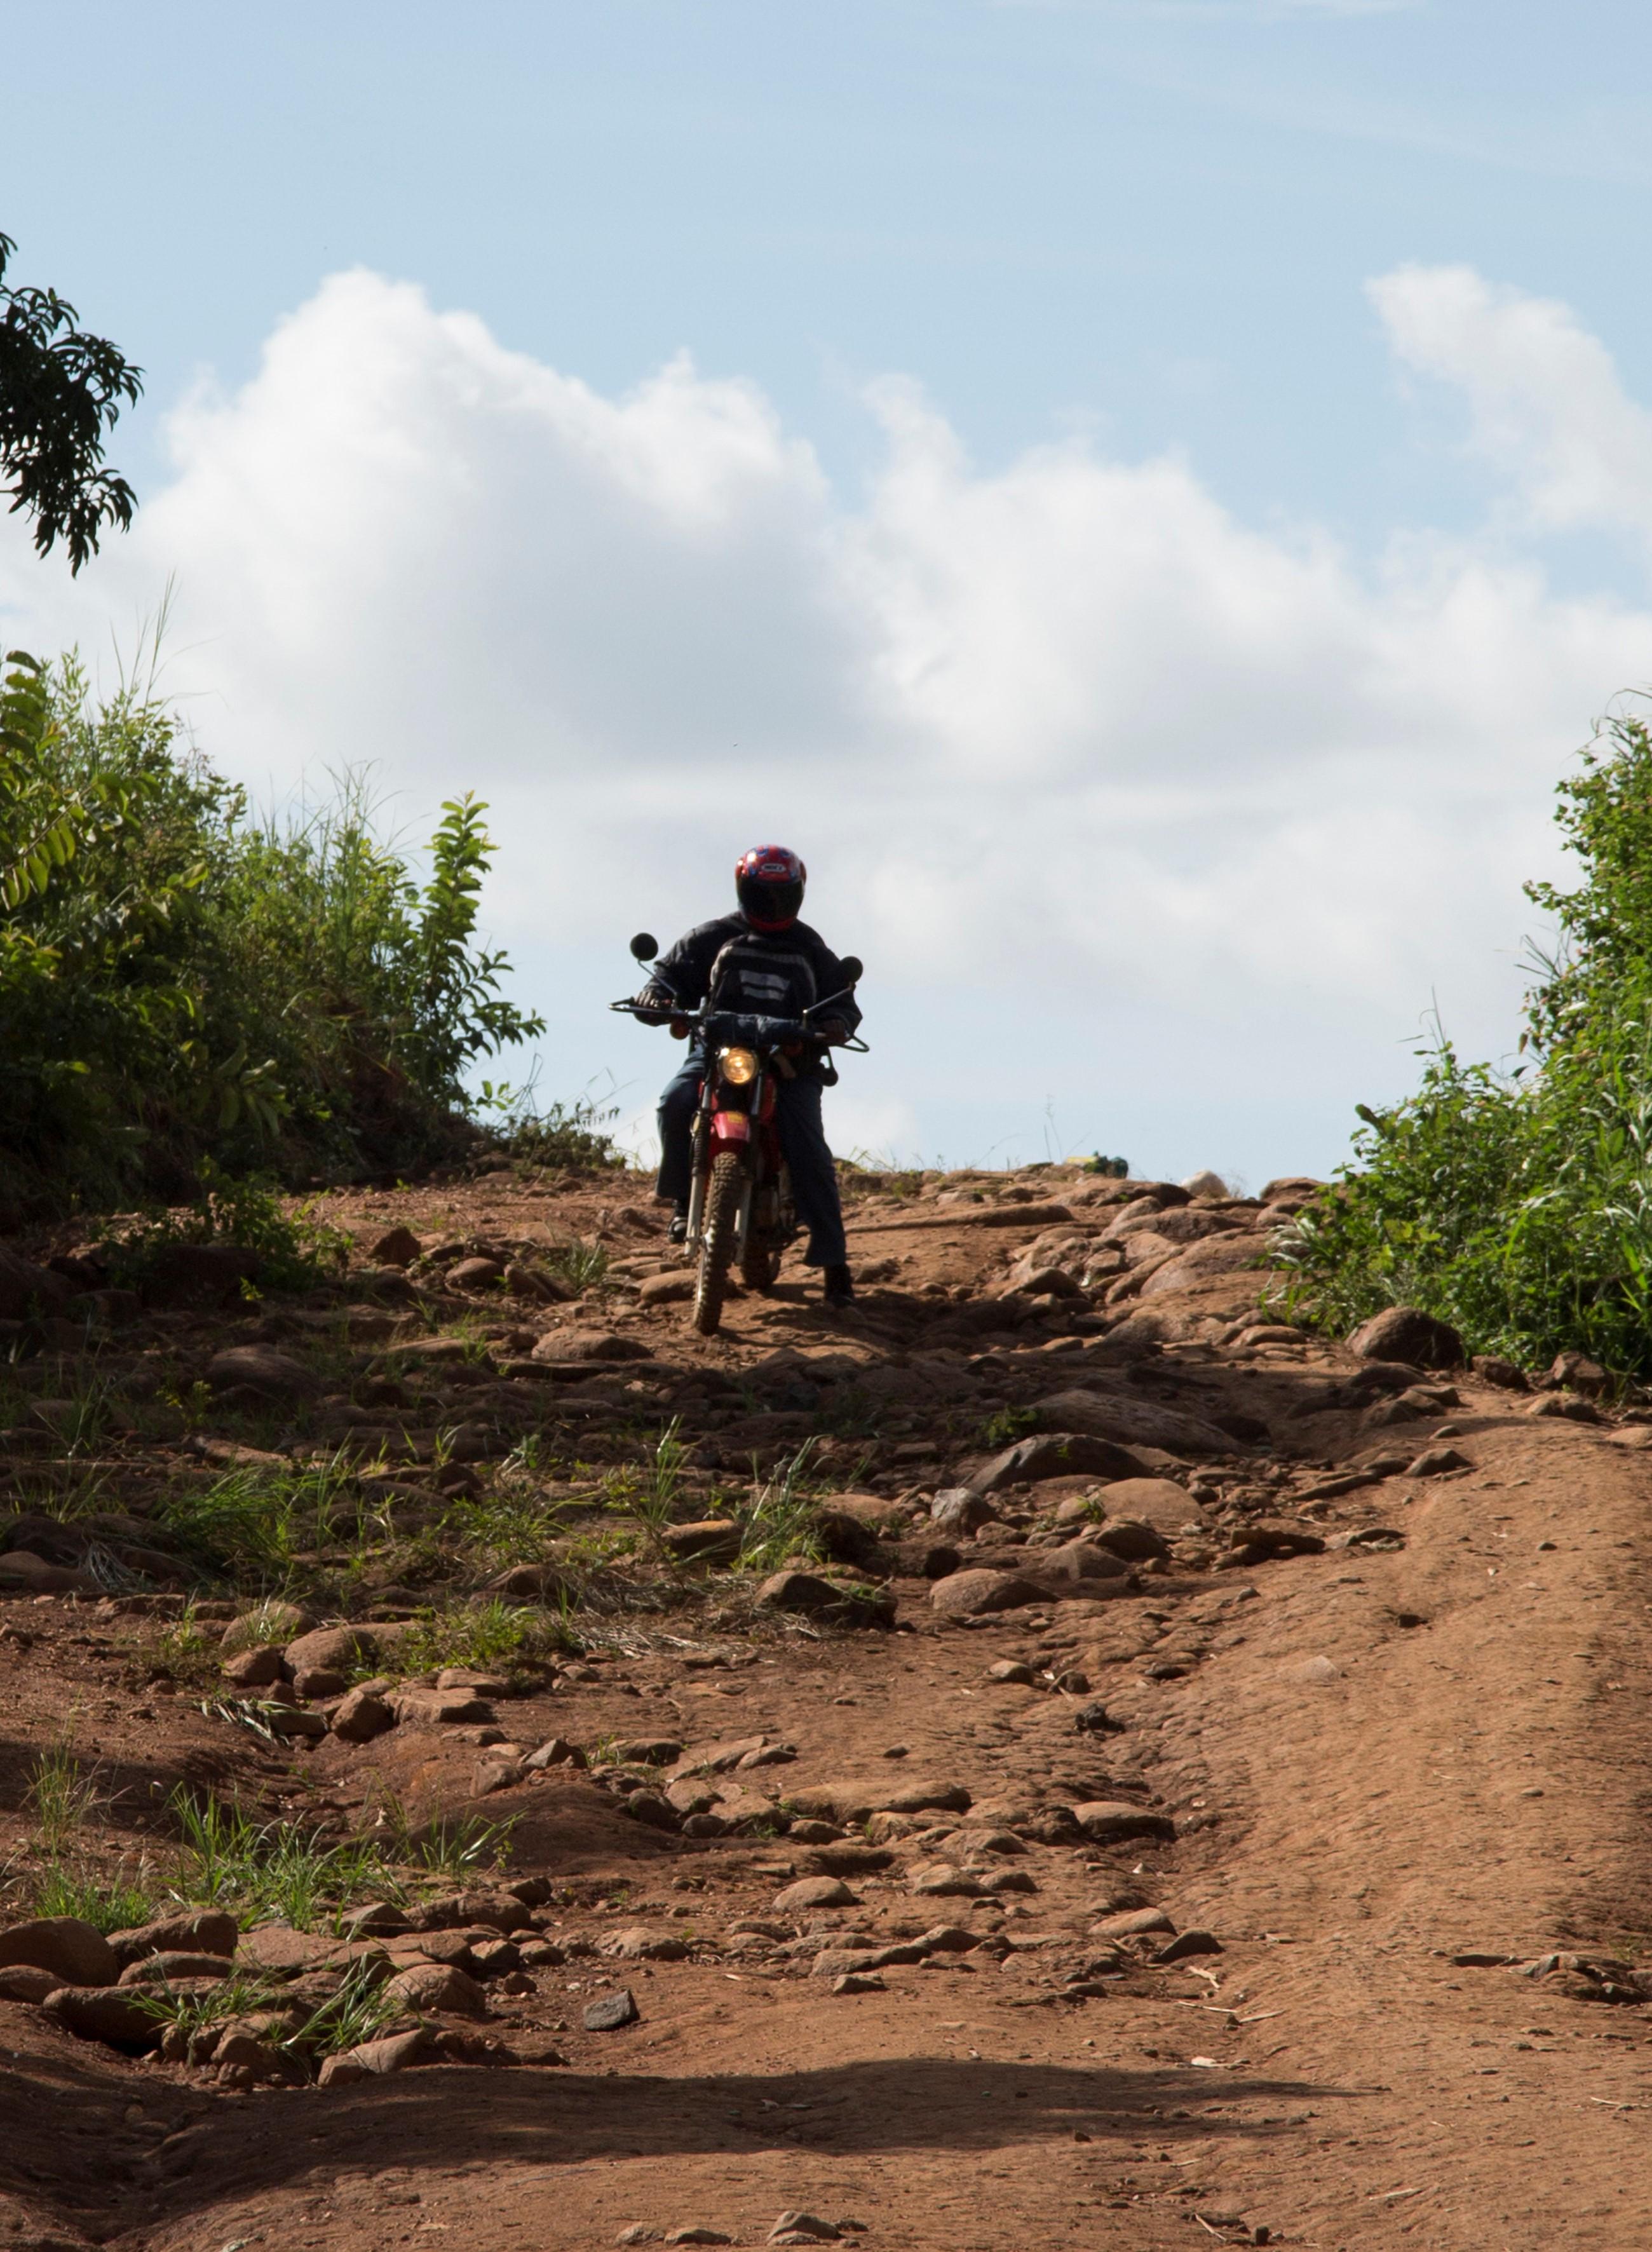 community health worker on motorbike on rural road